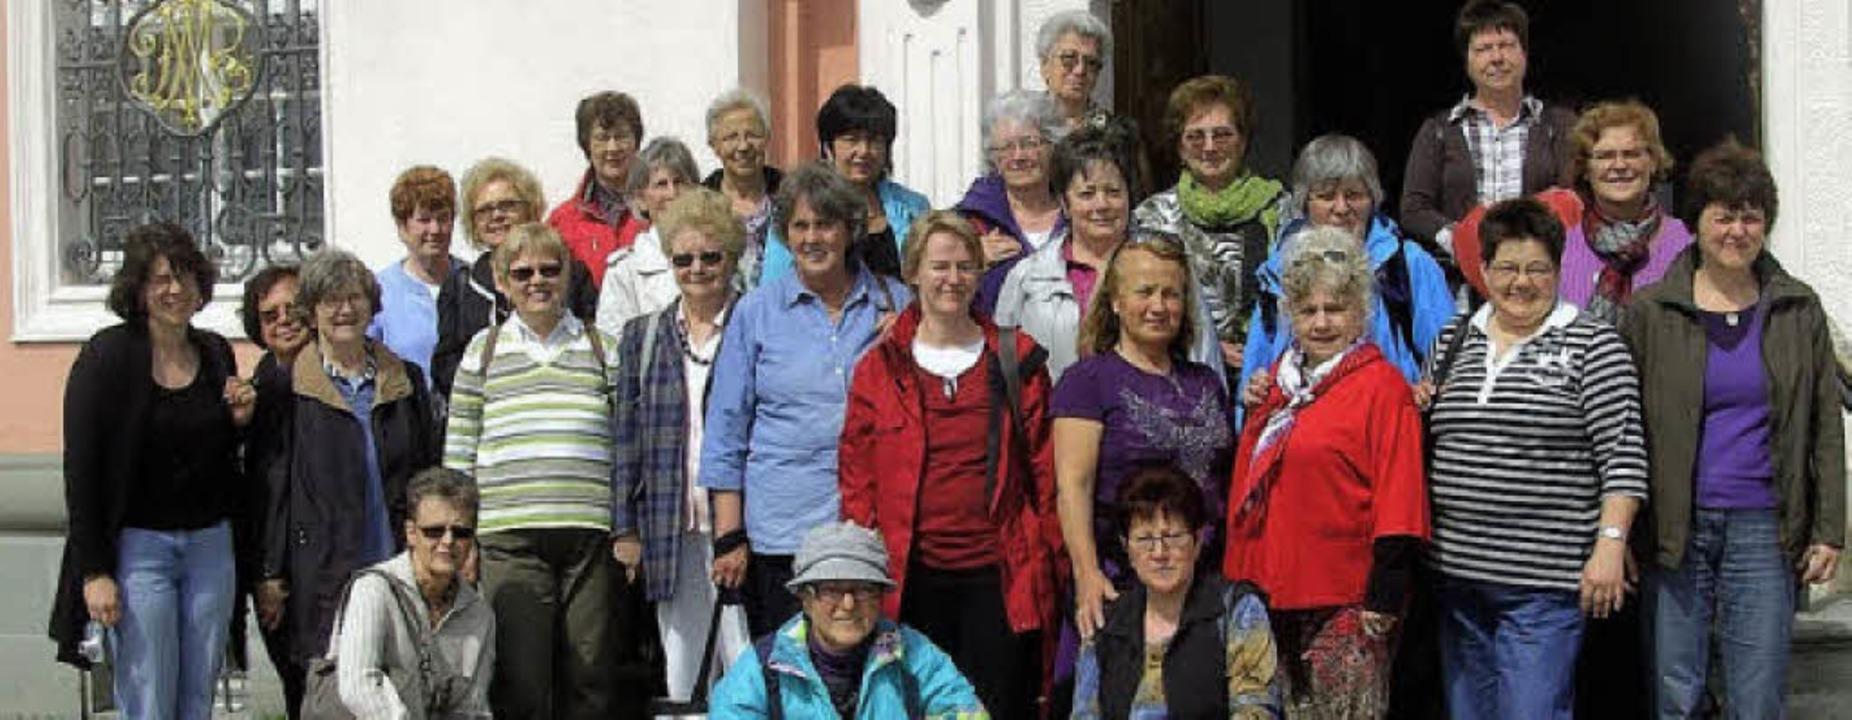 Nach Konstanz zog es die Frauen des Gesangvereins Haltingen.     Foto: Privat